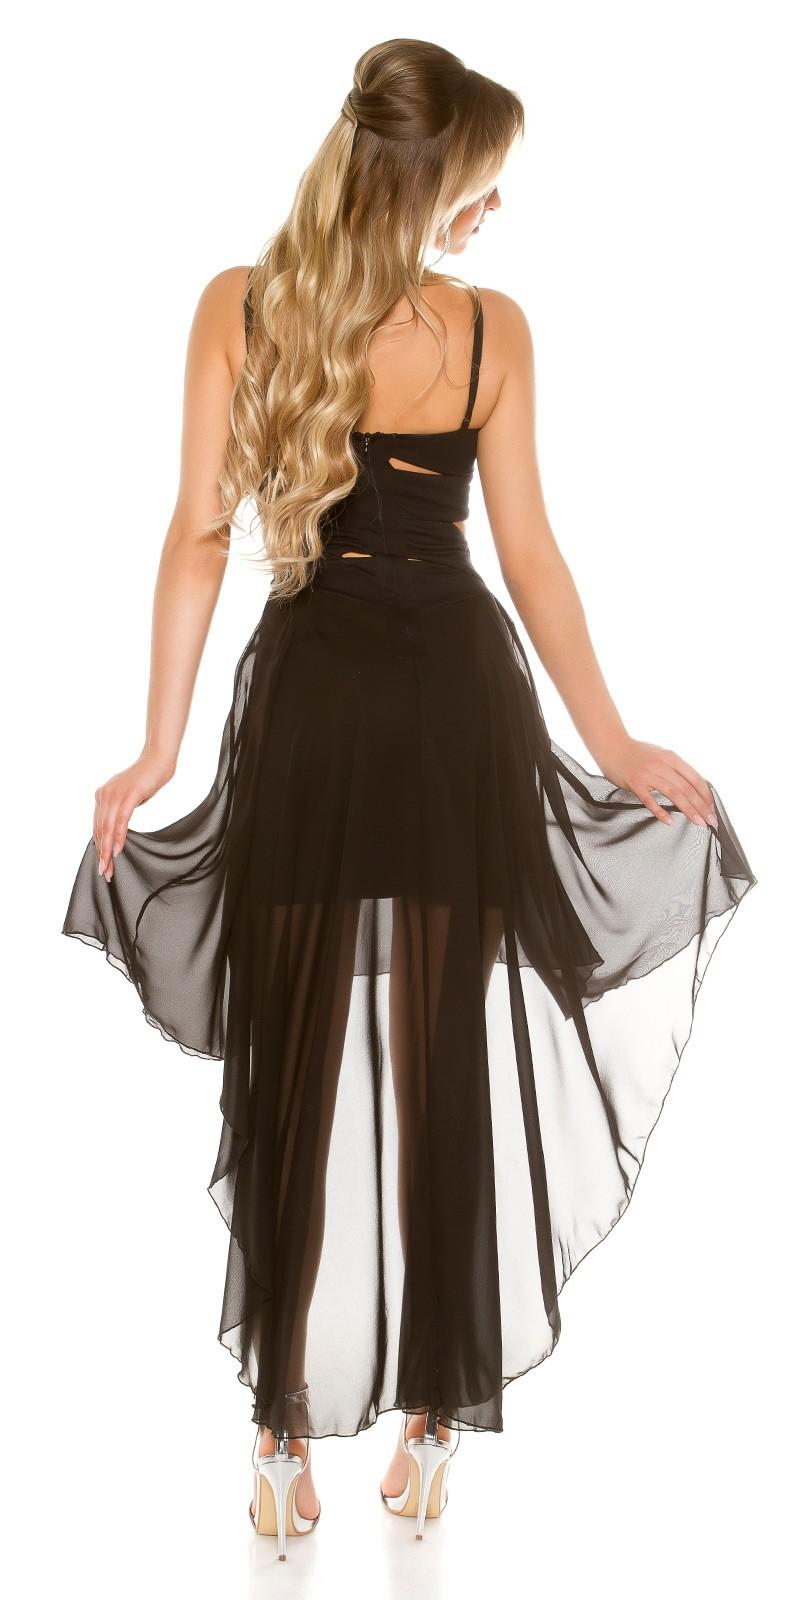 30f0cbcb6c Elöl rövid-hátul hosszú muszlin szoknyás alkalmi ruha - Fekete (S/M,. Az Ön  értékelése: